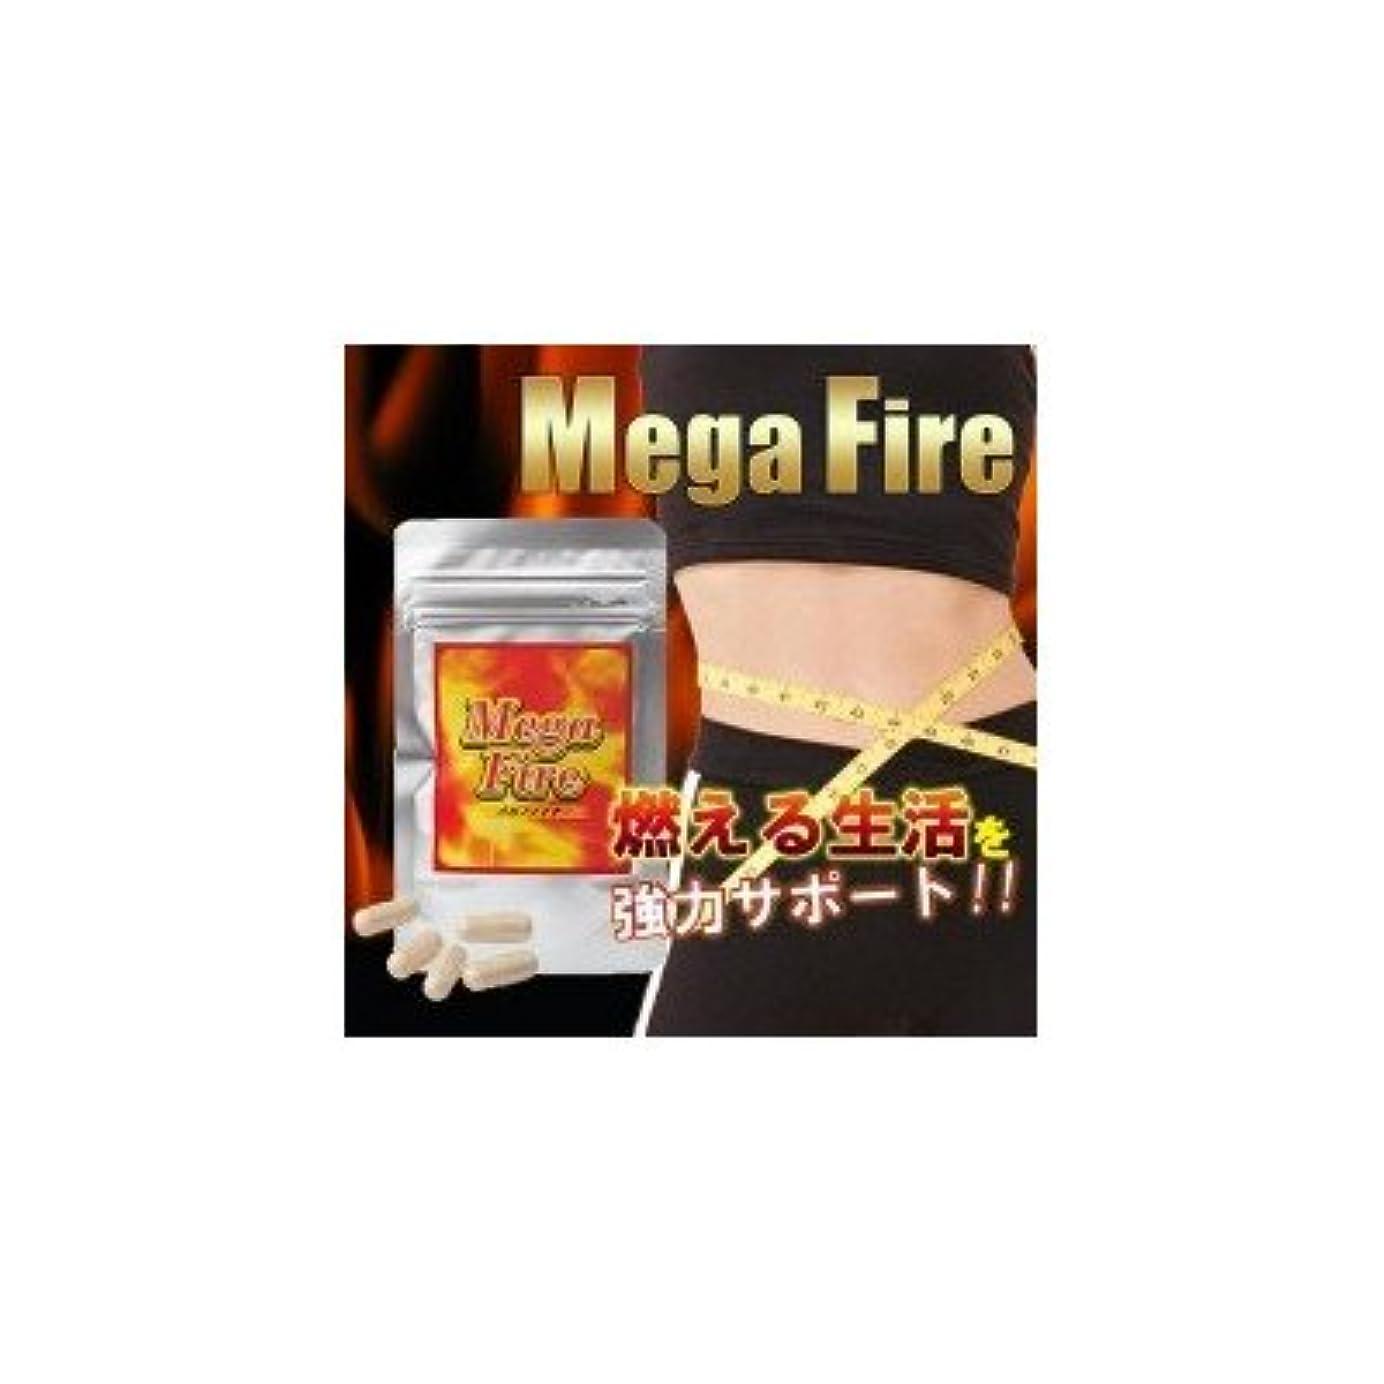 序文舗装する認証Mega-Fire(メガファイア) 13.9g(377mg(1粒内容量300mg)×37カプセル)